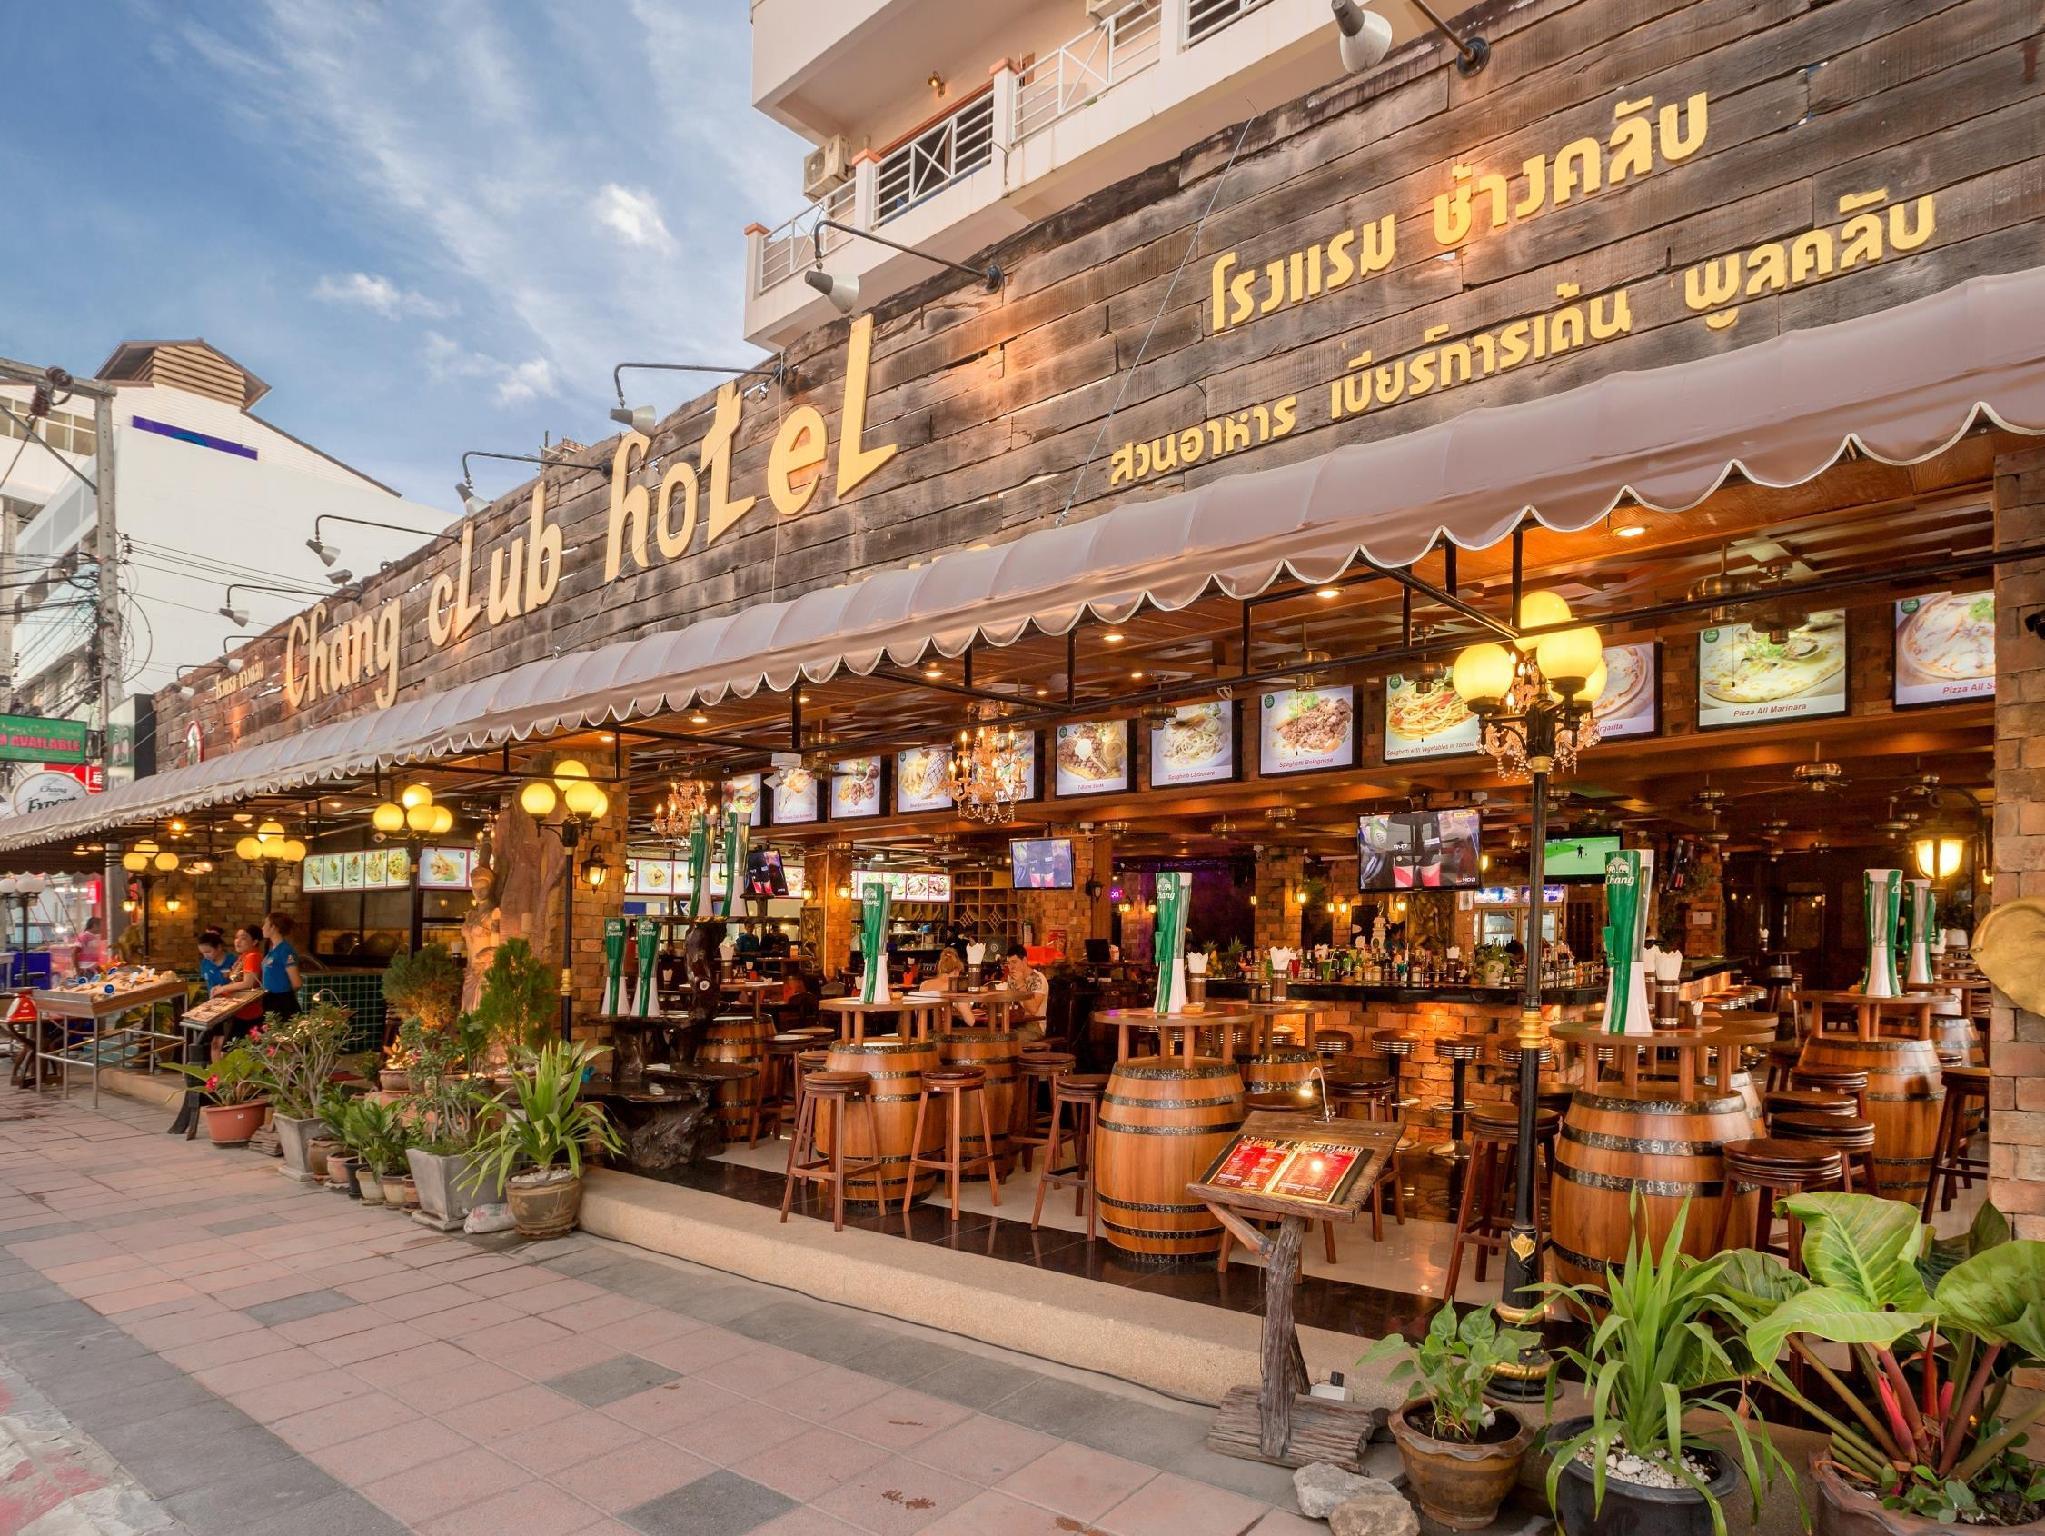 Chang Club, Pulau Phuket